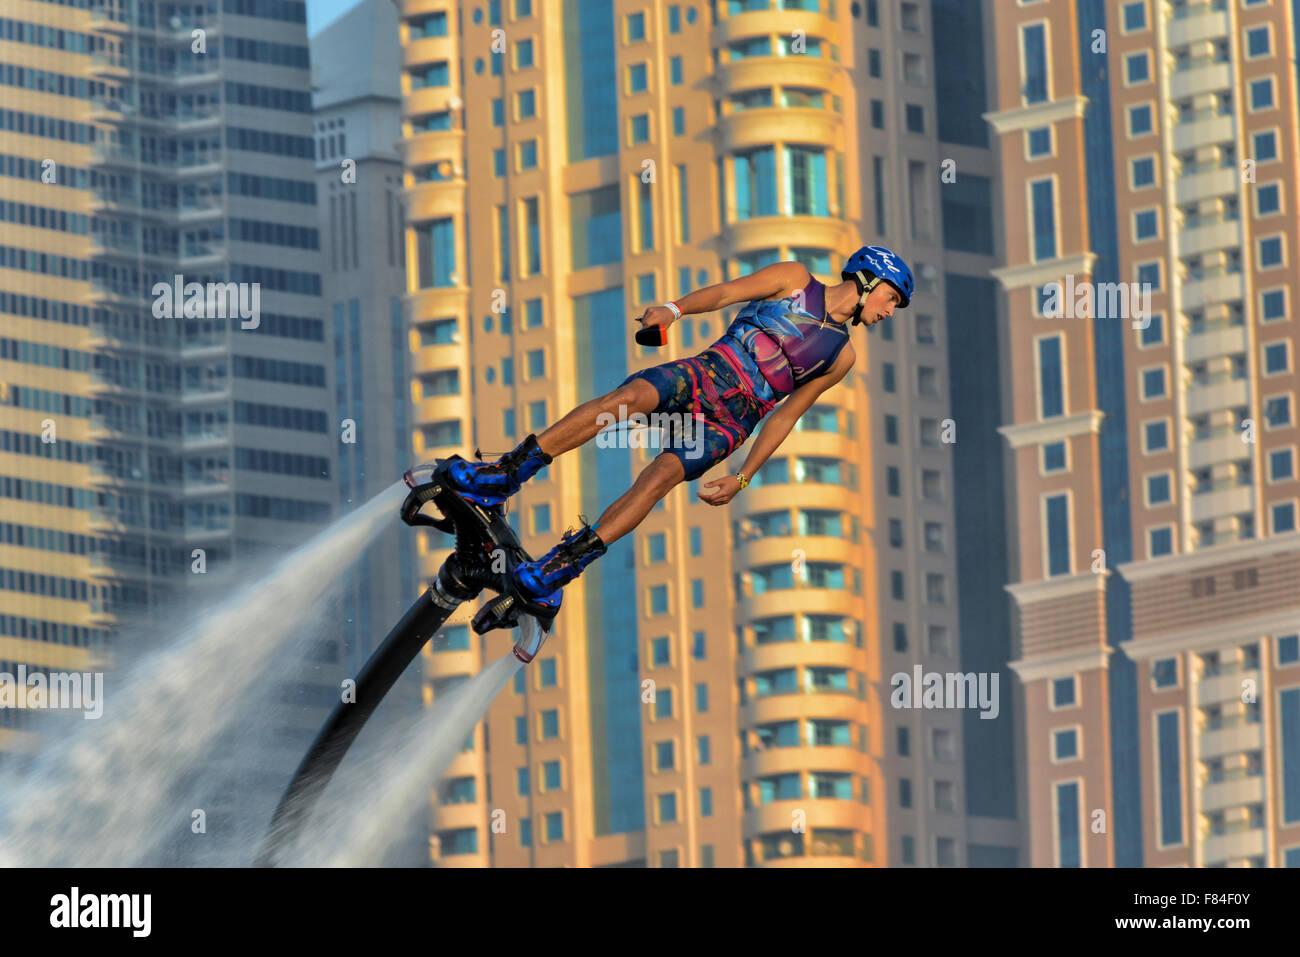 Homme Flyboarder À DUBAÏ, ÉMIRATS ARABES UNIS Photo Stock